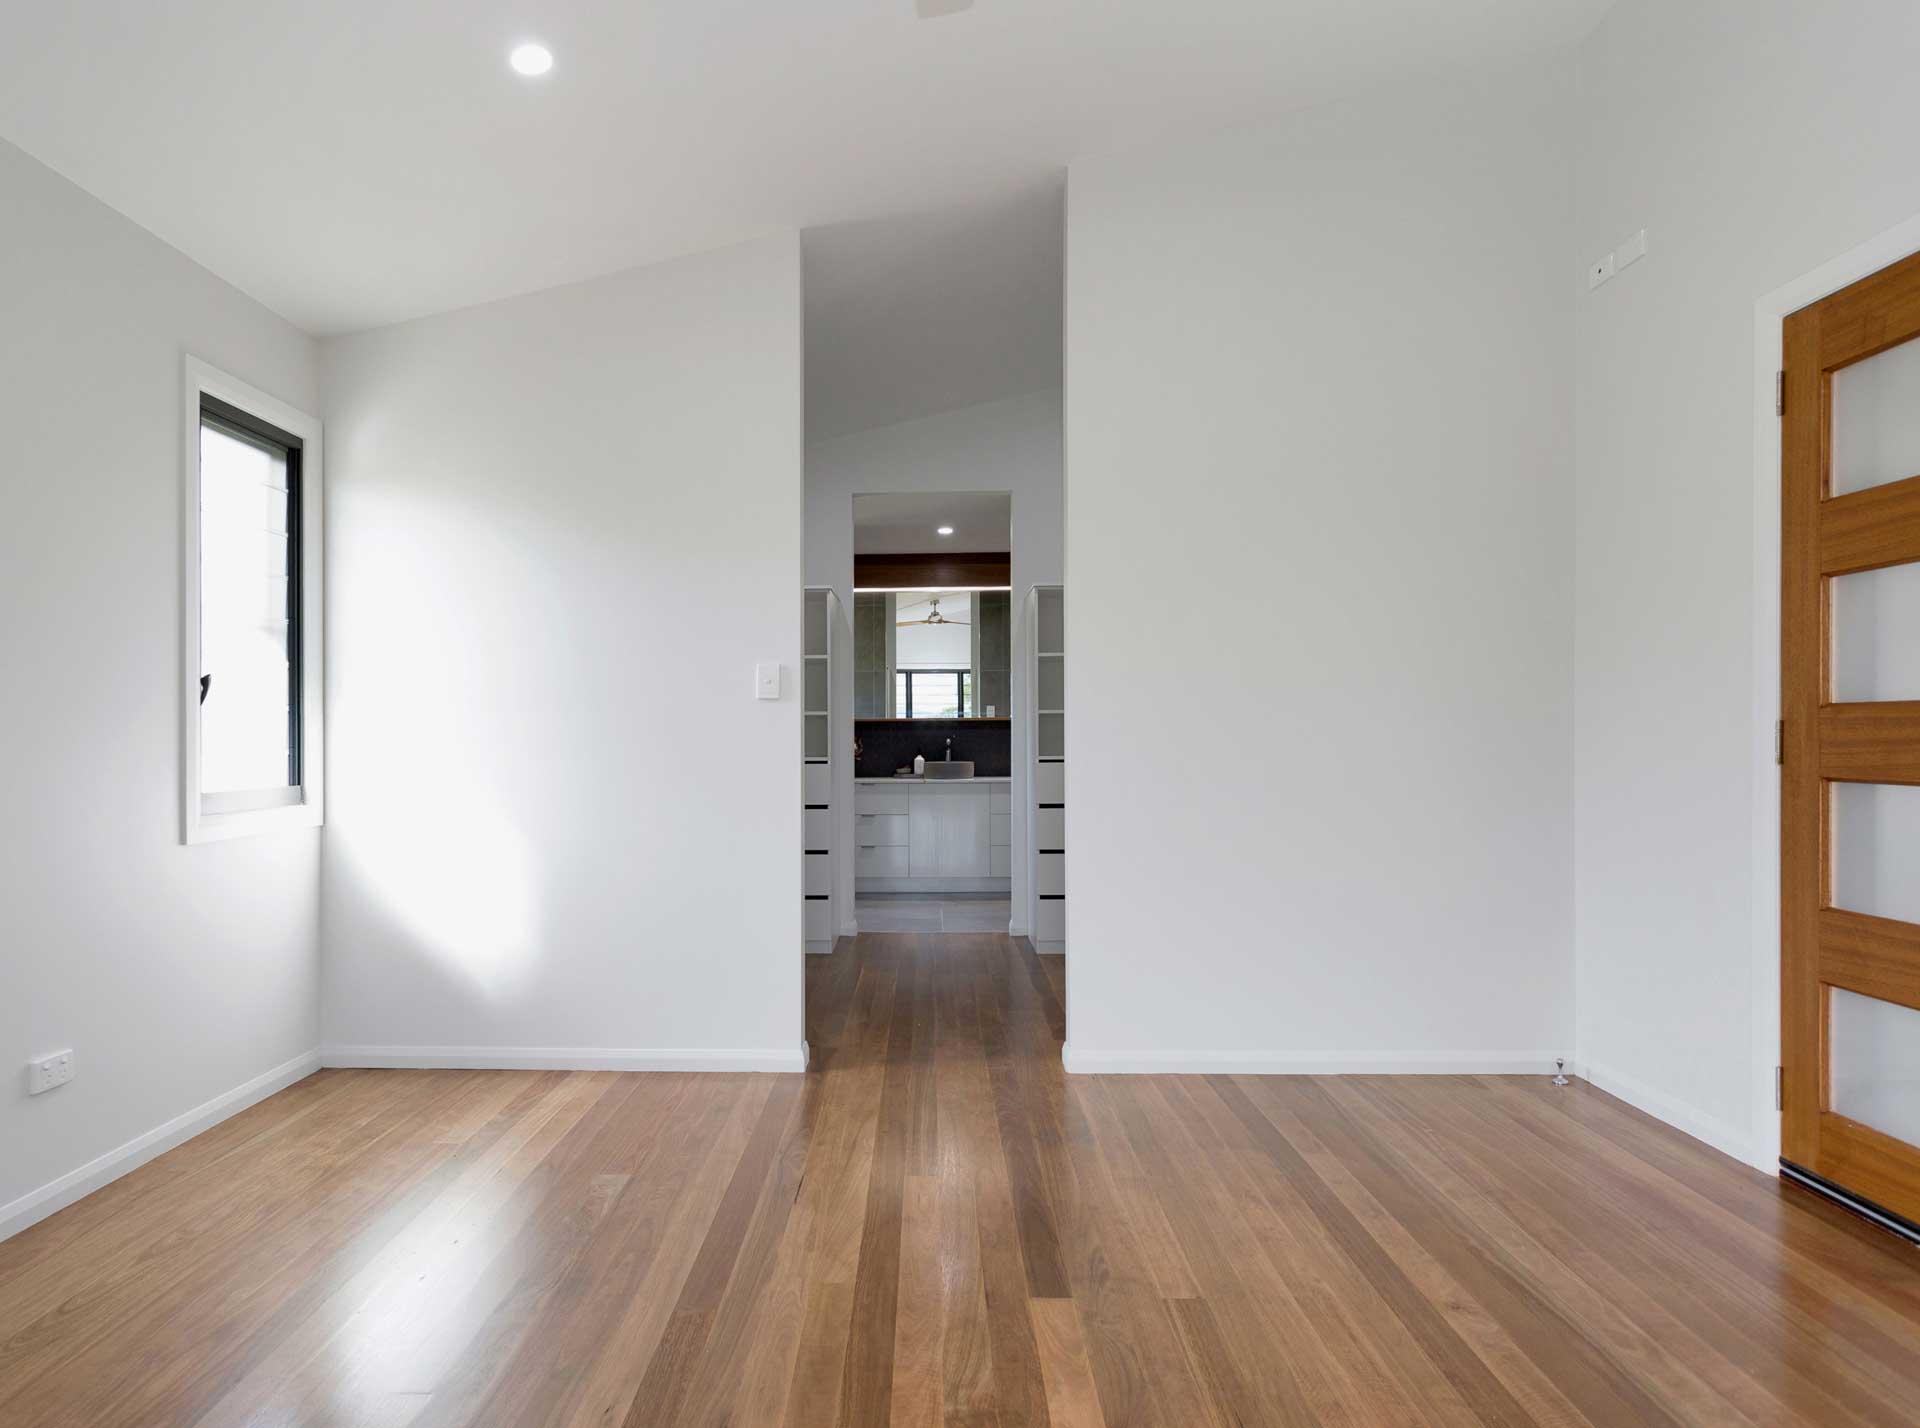 Llewellyn master suite